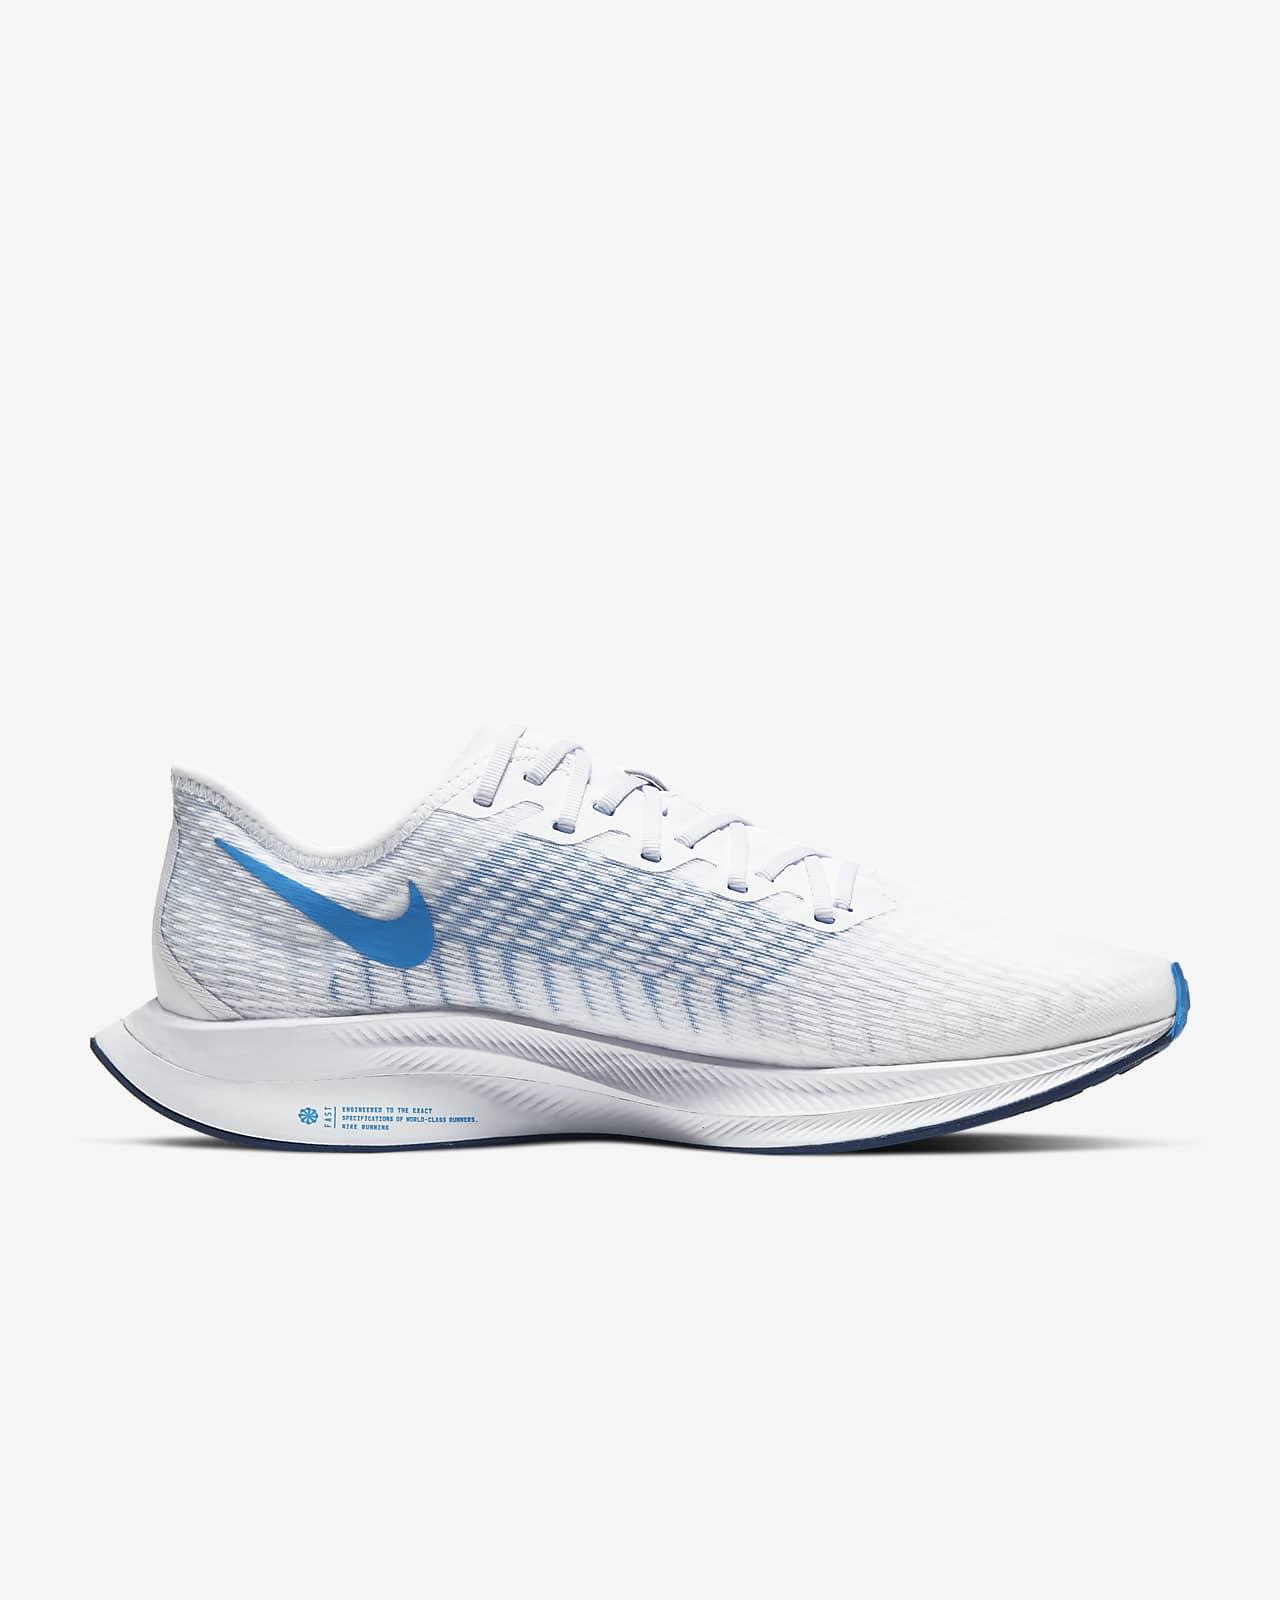 men's running shoe nike zoom pegasus turbo